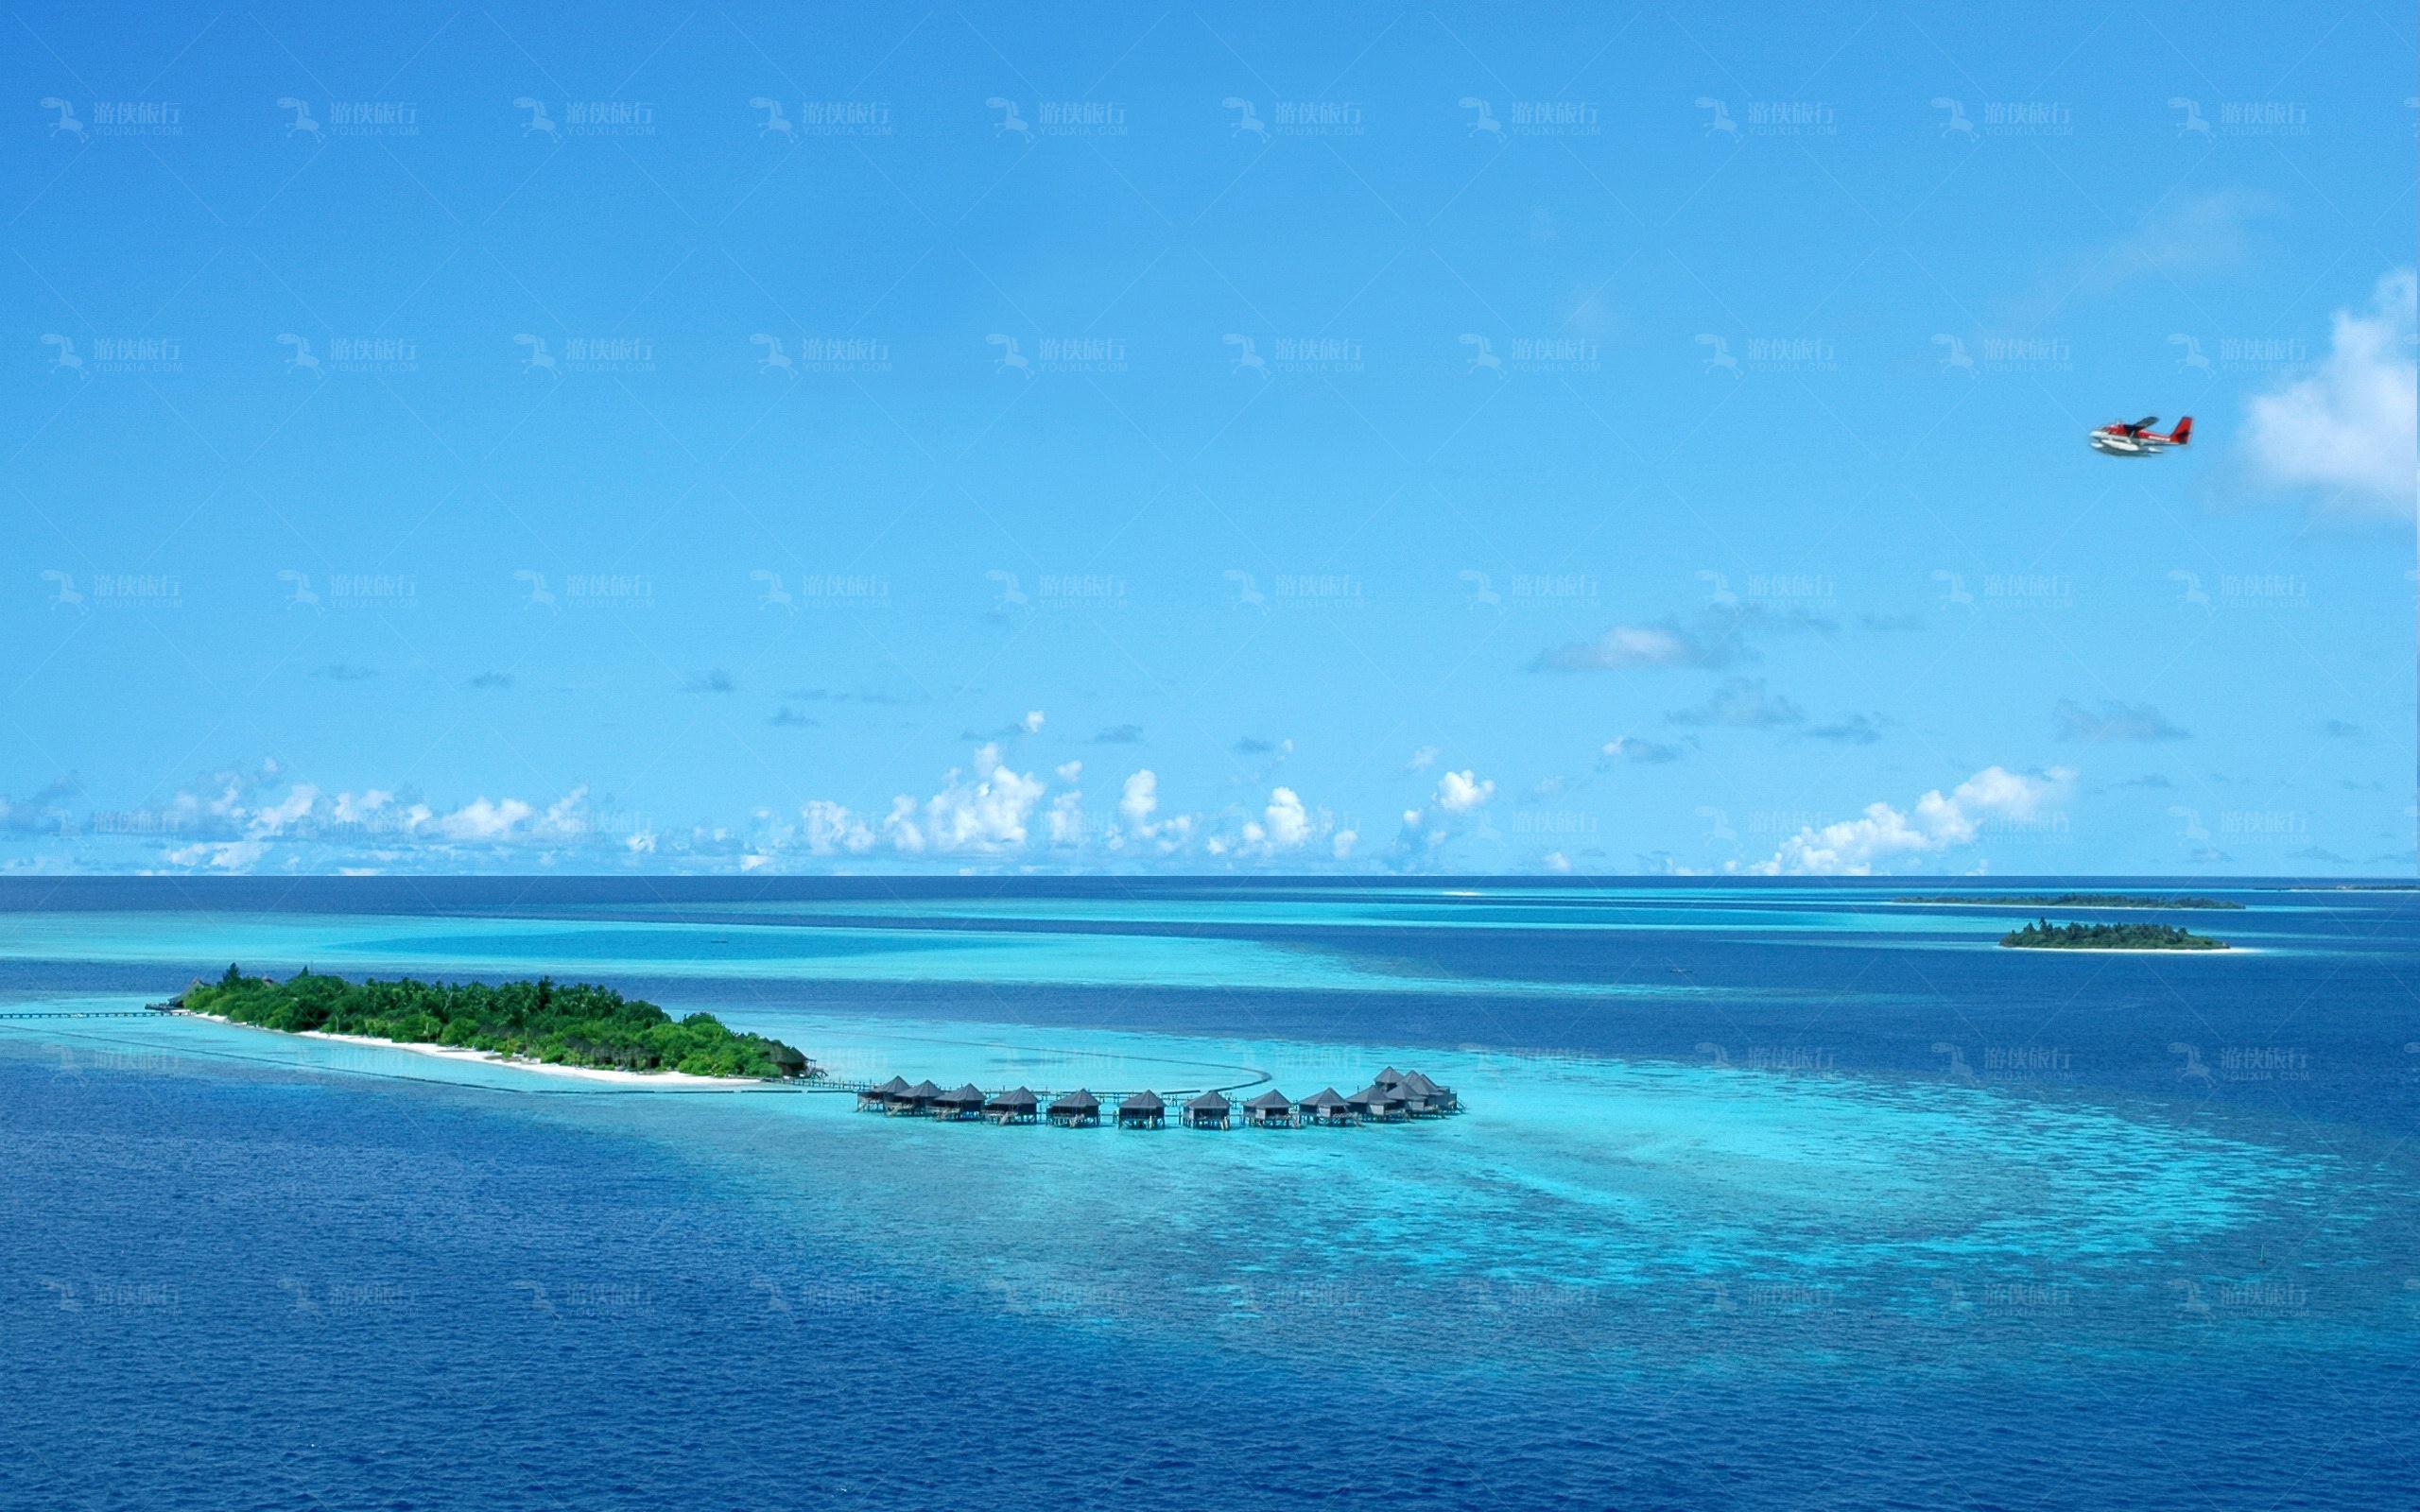 天堂般的马尔代夫